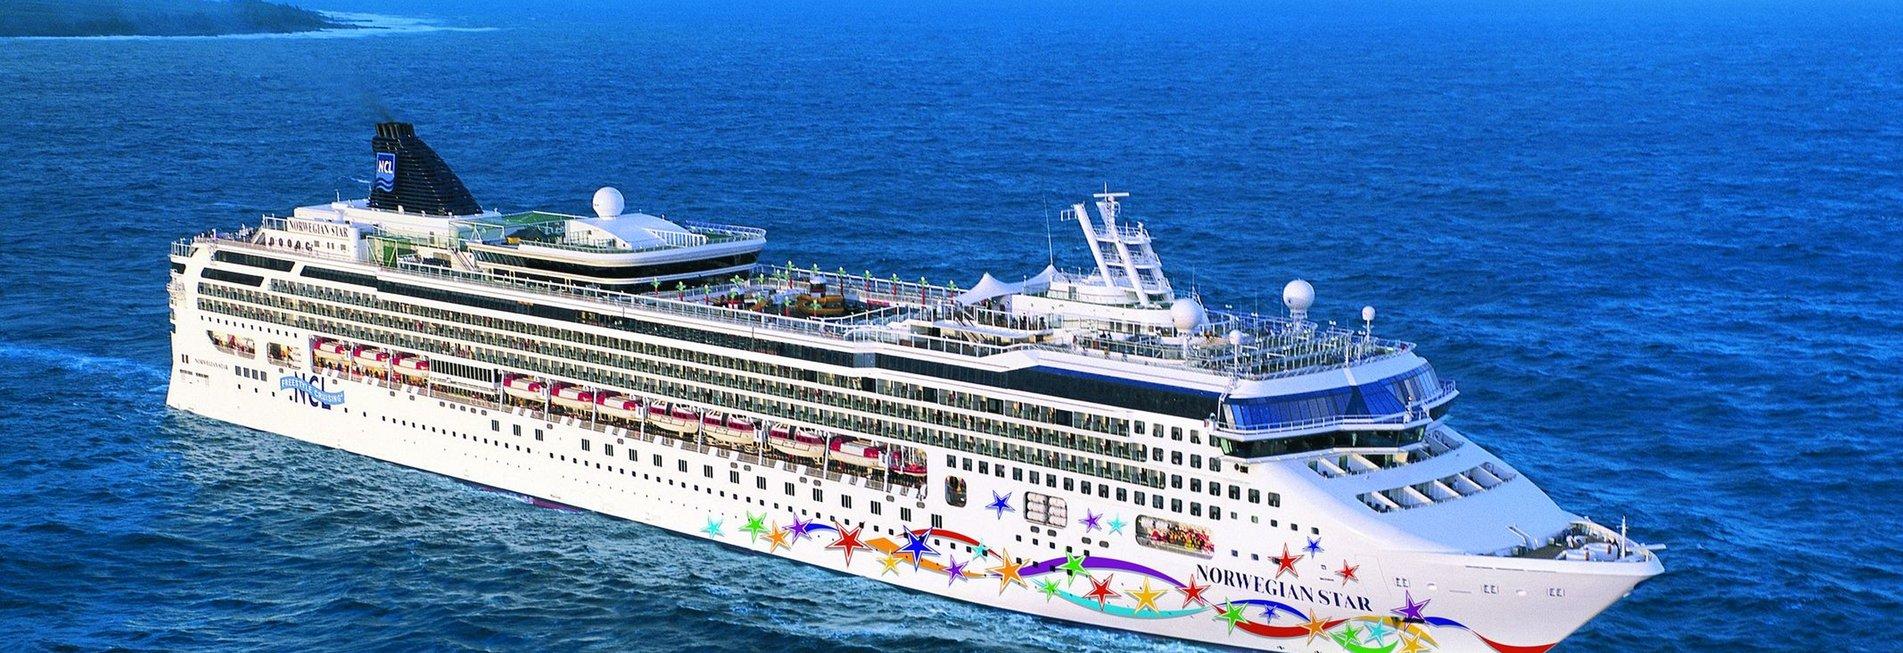 USA und mexikanische Riviera mit der Norwegian Star